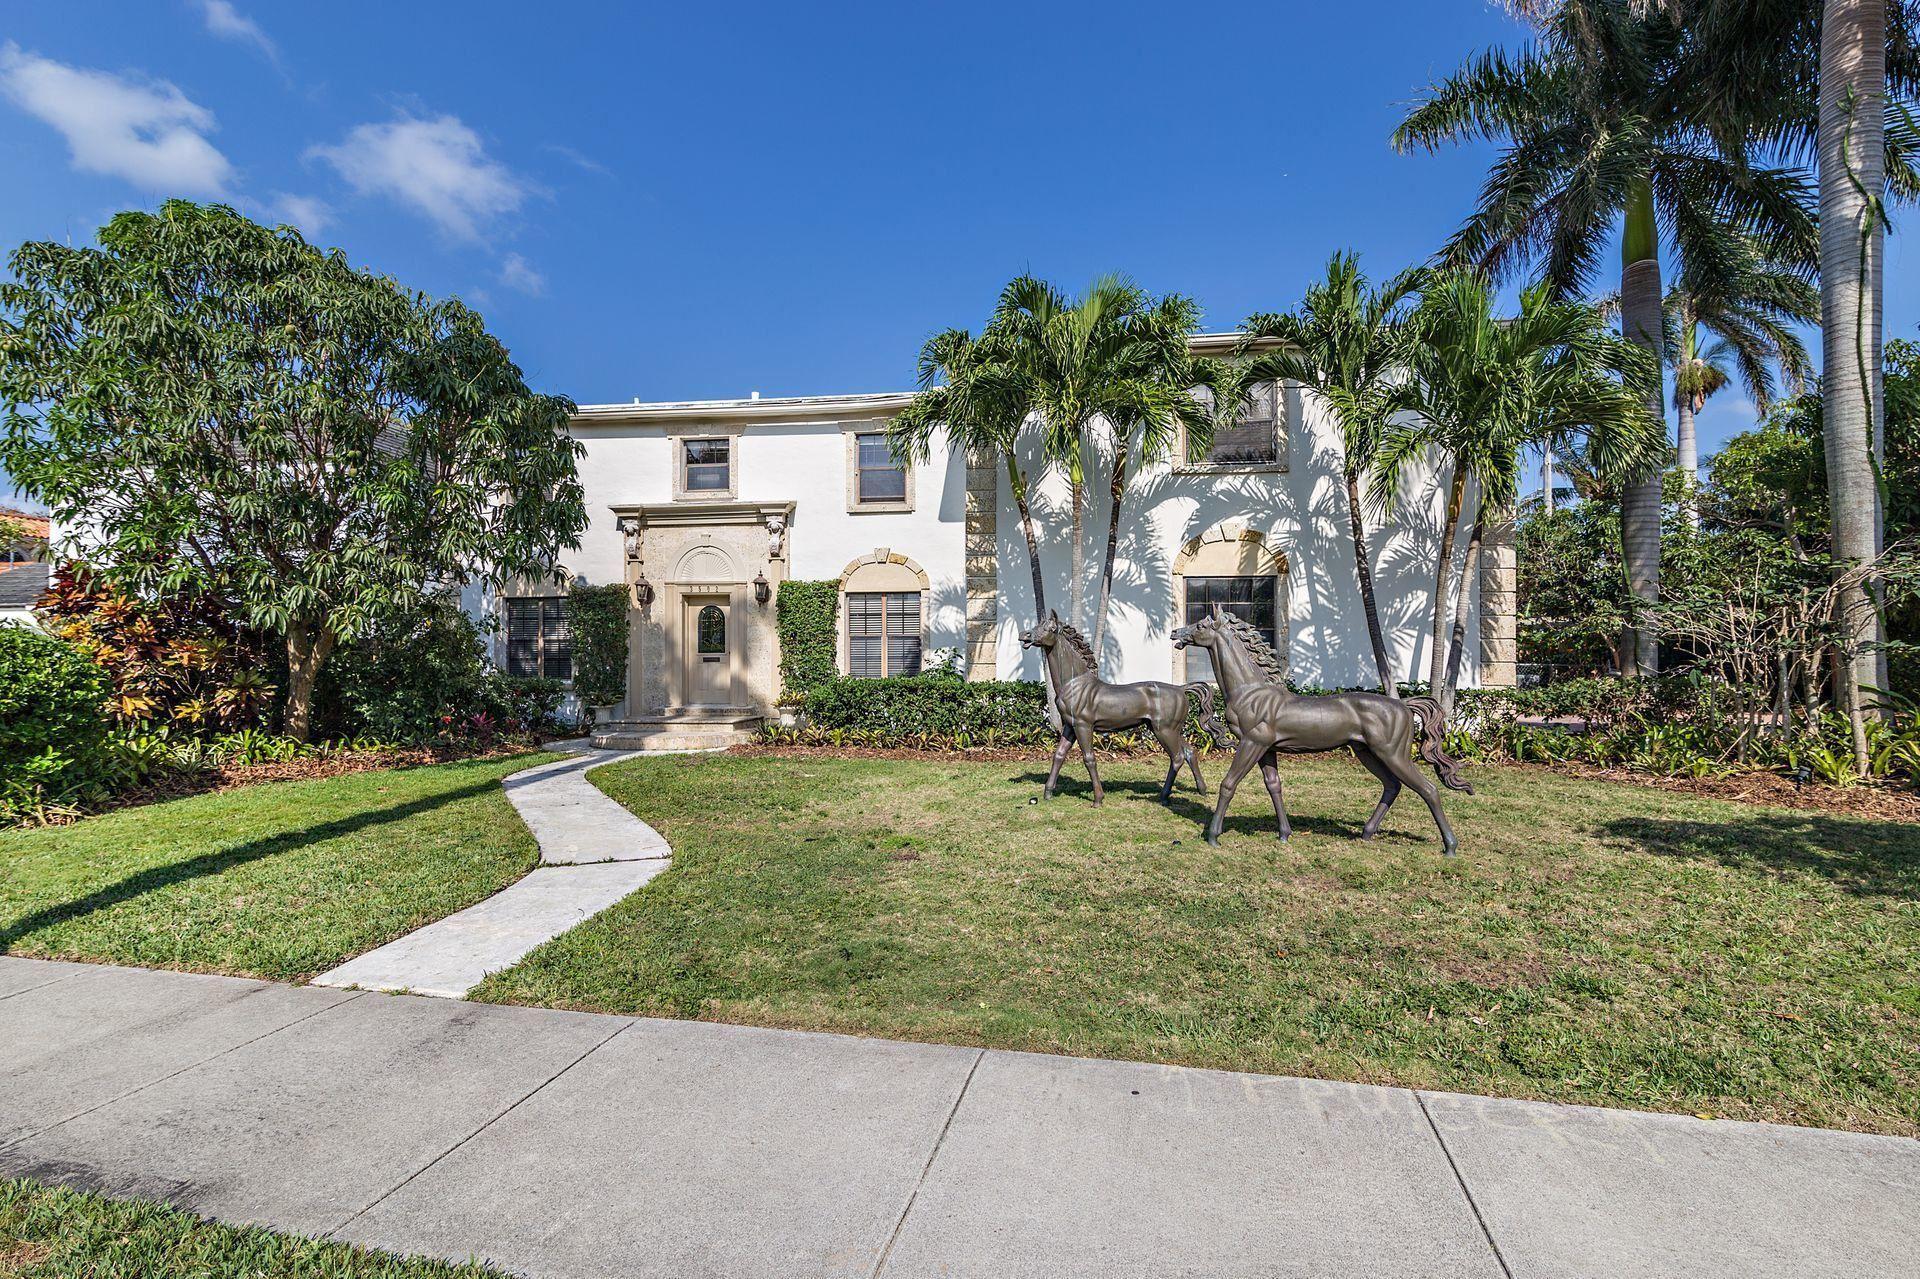 3502 Washington Road, West Palm Beach, FL 33405 - MLS#: RX-10711168